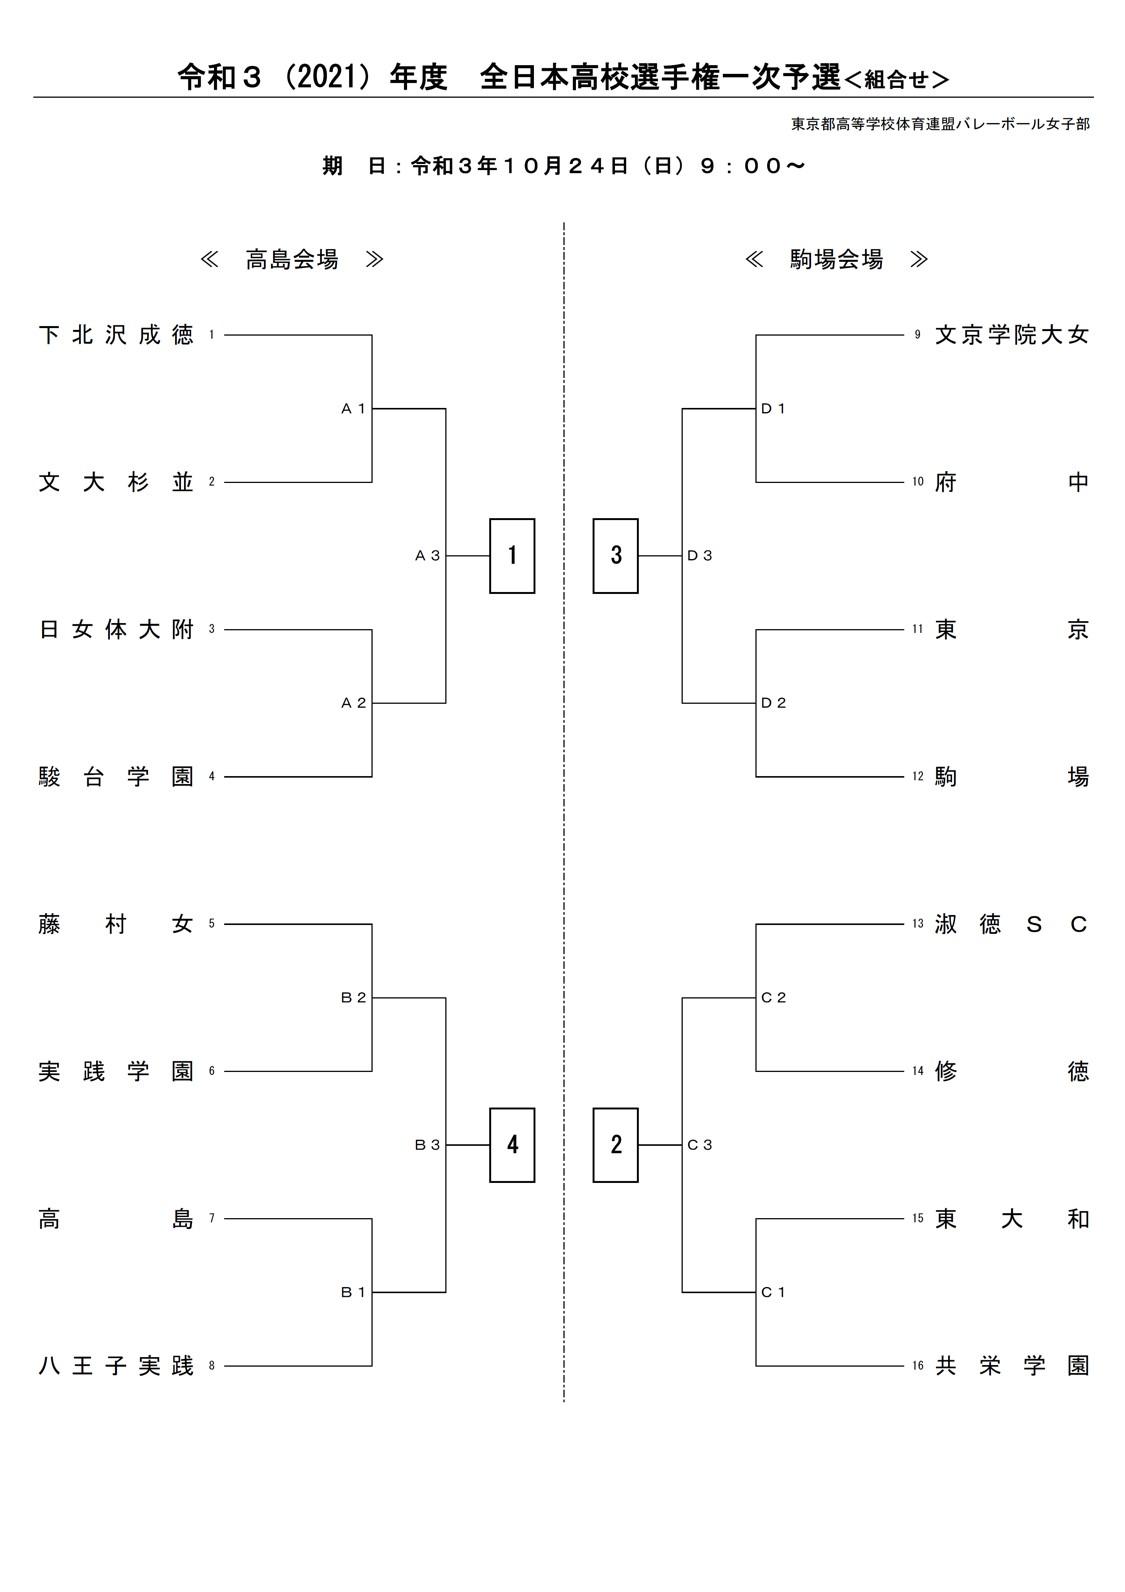 2021年度_全日本高校選手権_東京予選_女子_組合せ